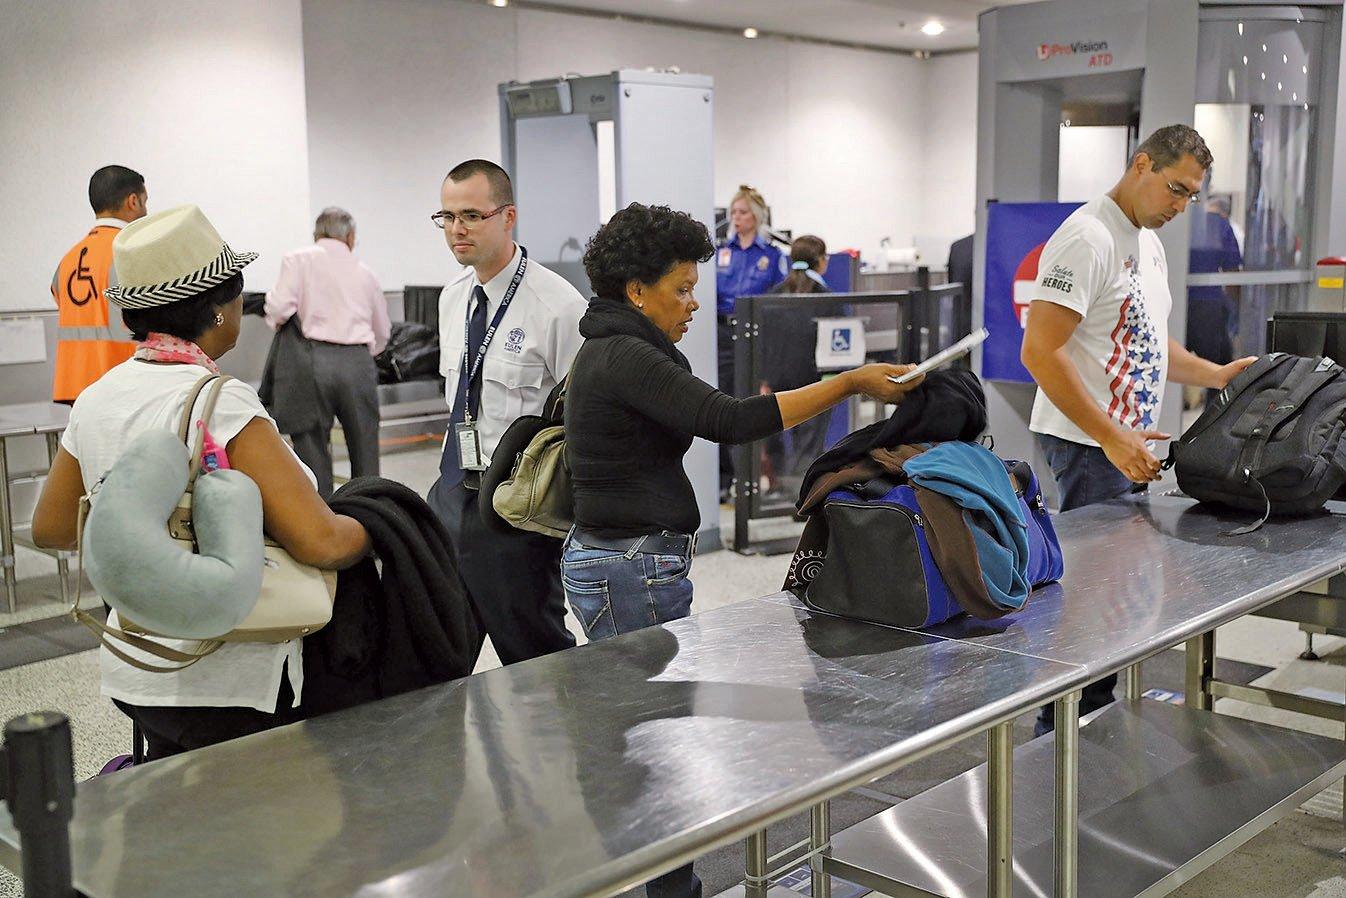 航空公司10月24日表示,一項針對所有飛往美國航班的新規將於10月26日生效,新規包括更嚴格的乘客隨身檢查,以遵守美國政府的安全措施。(Getty Images)